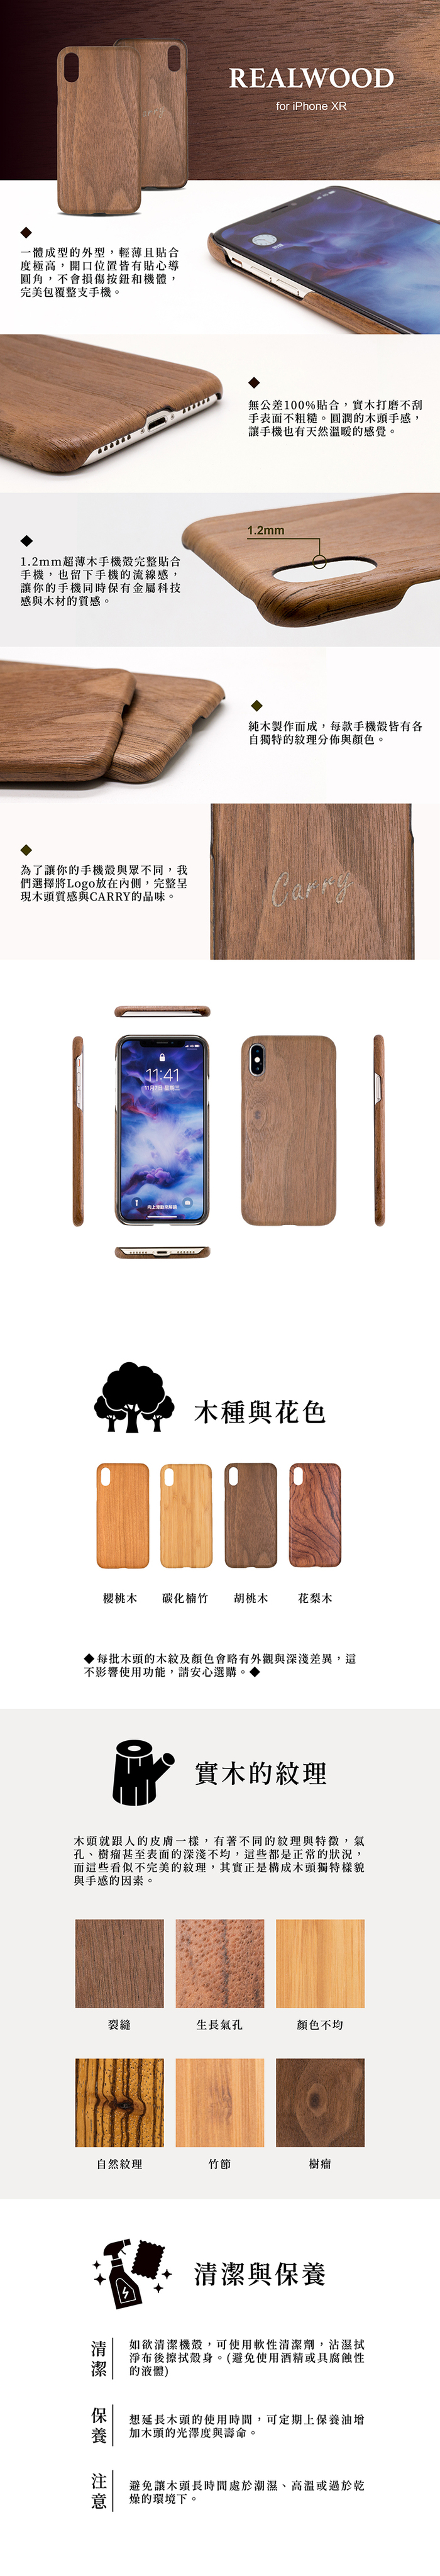 (複製)Carry|RealWood 純木手機殼 – 胡桃木 ( for iPhone X )